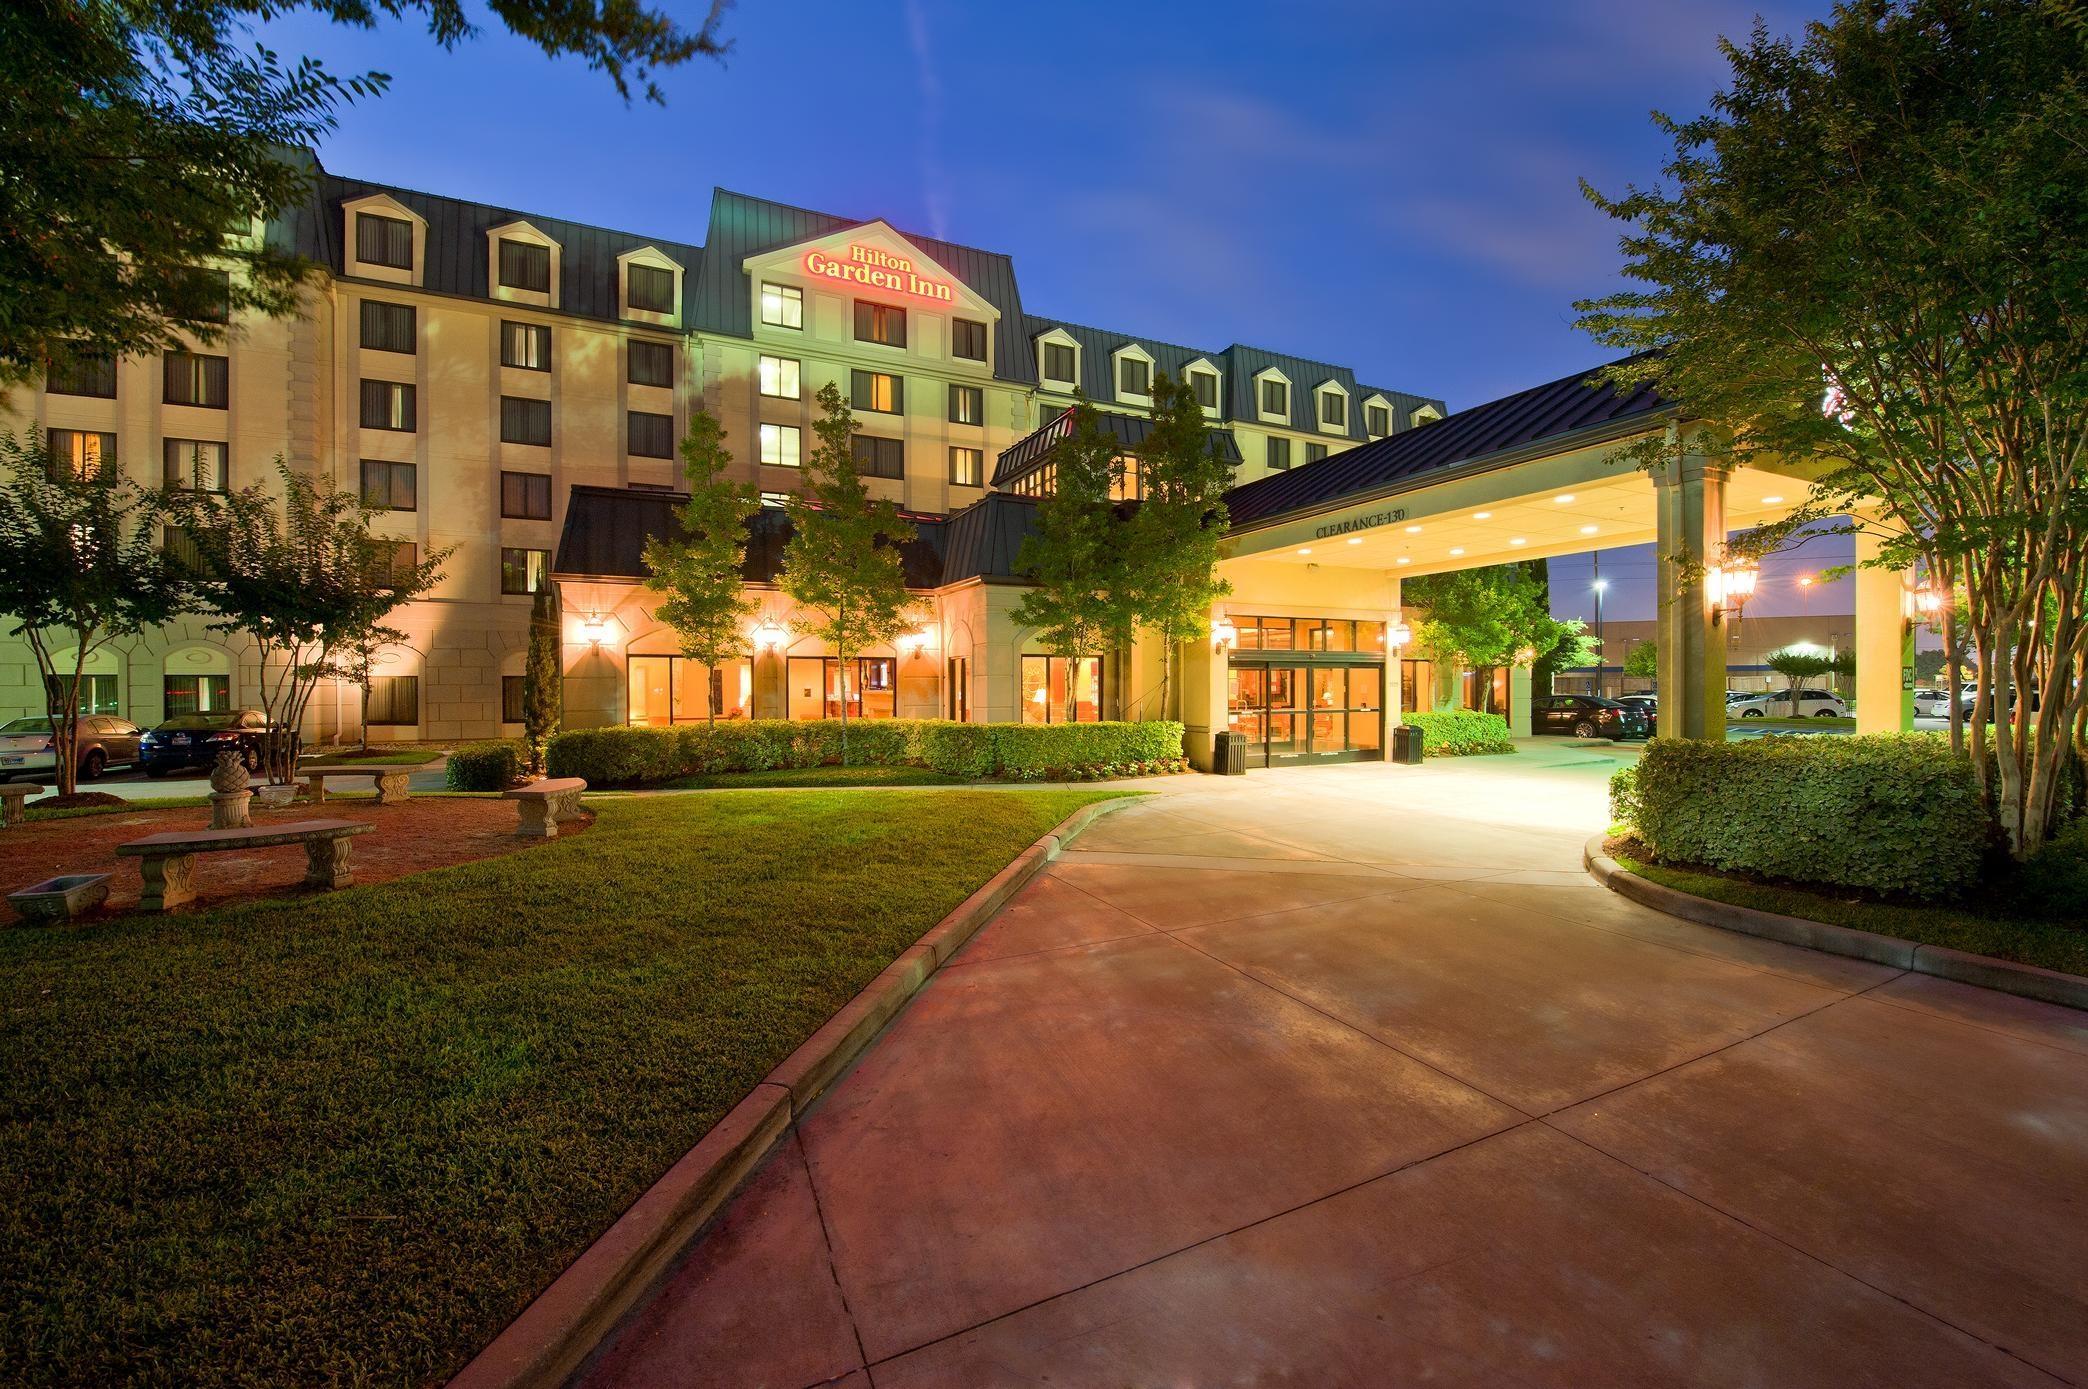 Hilton Garden Inn Houston Nw Willowbrook Houston Texas